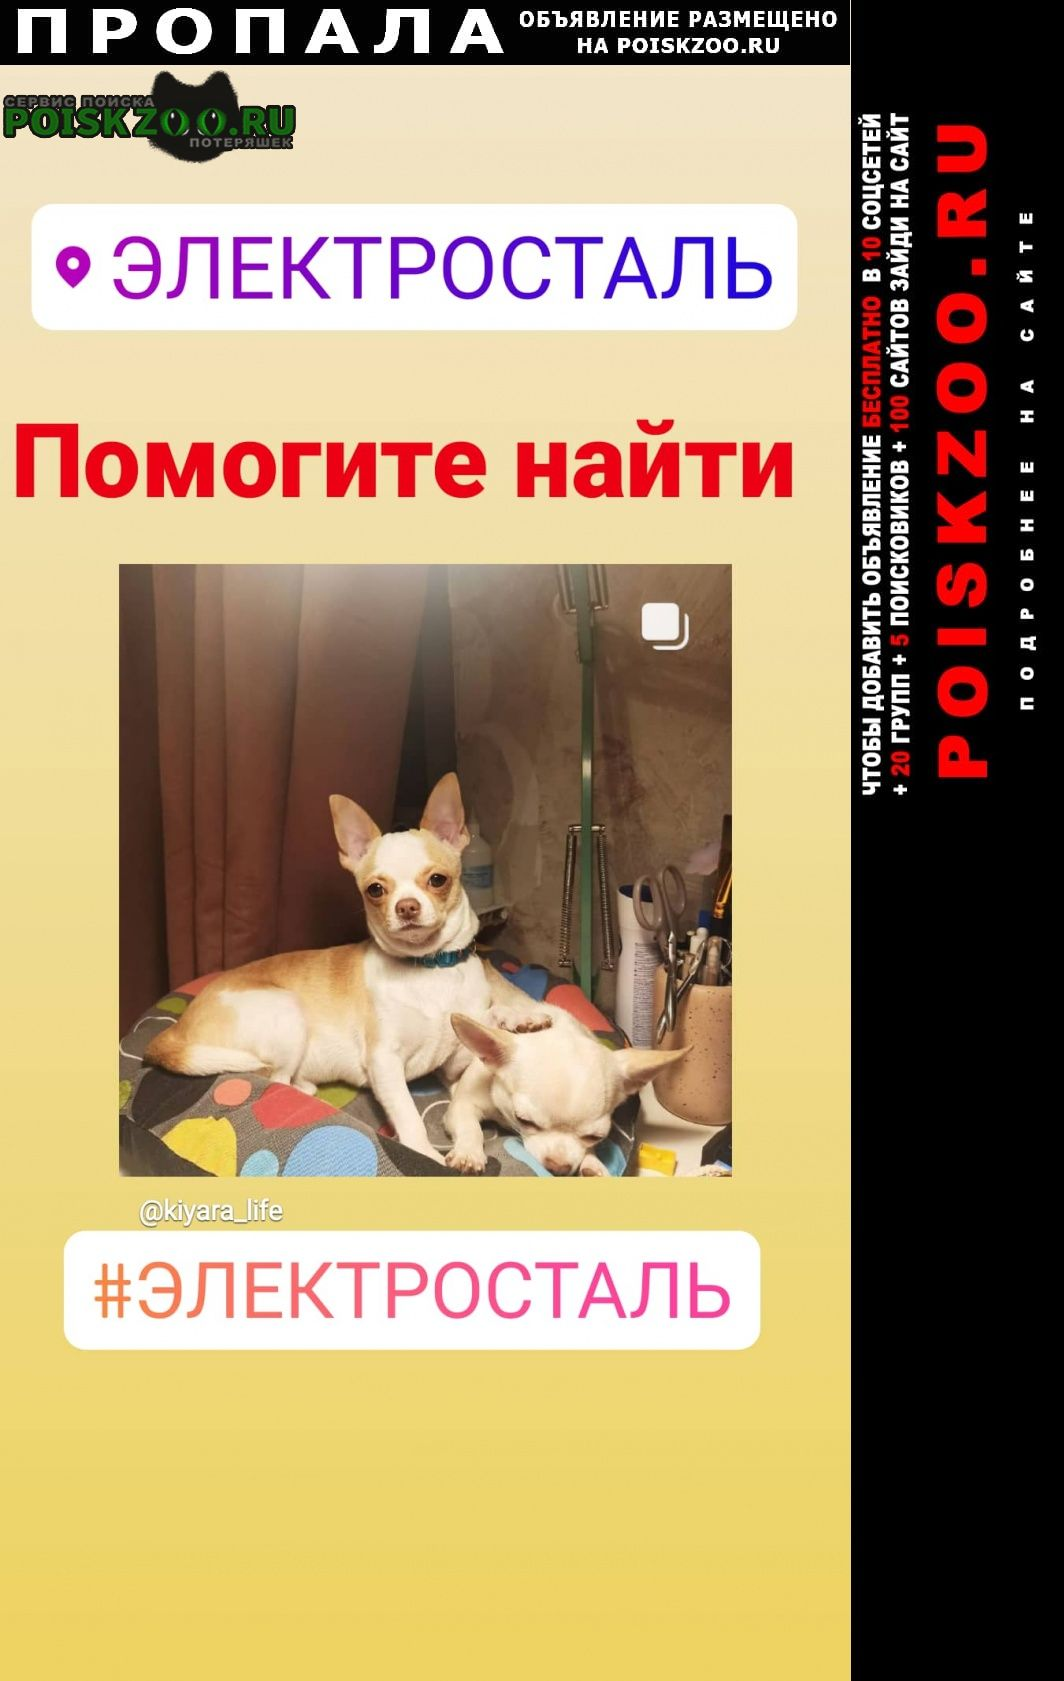 Пропала собака Электросталь